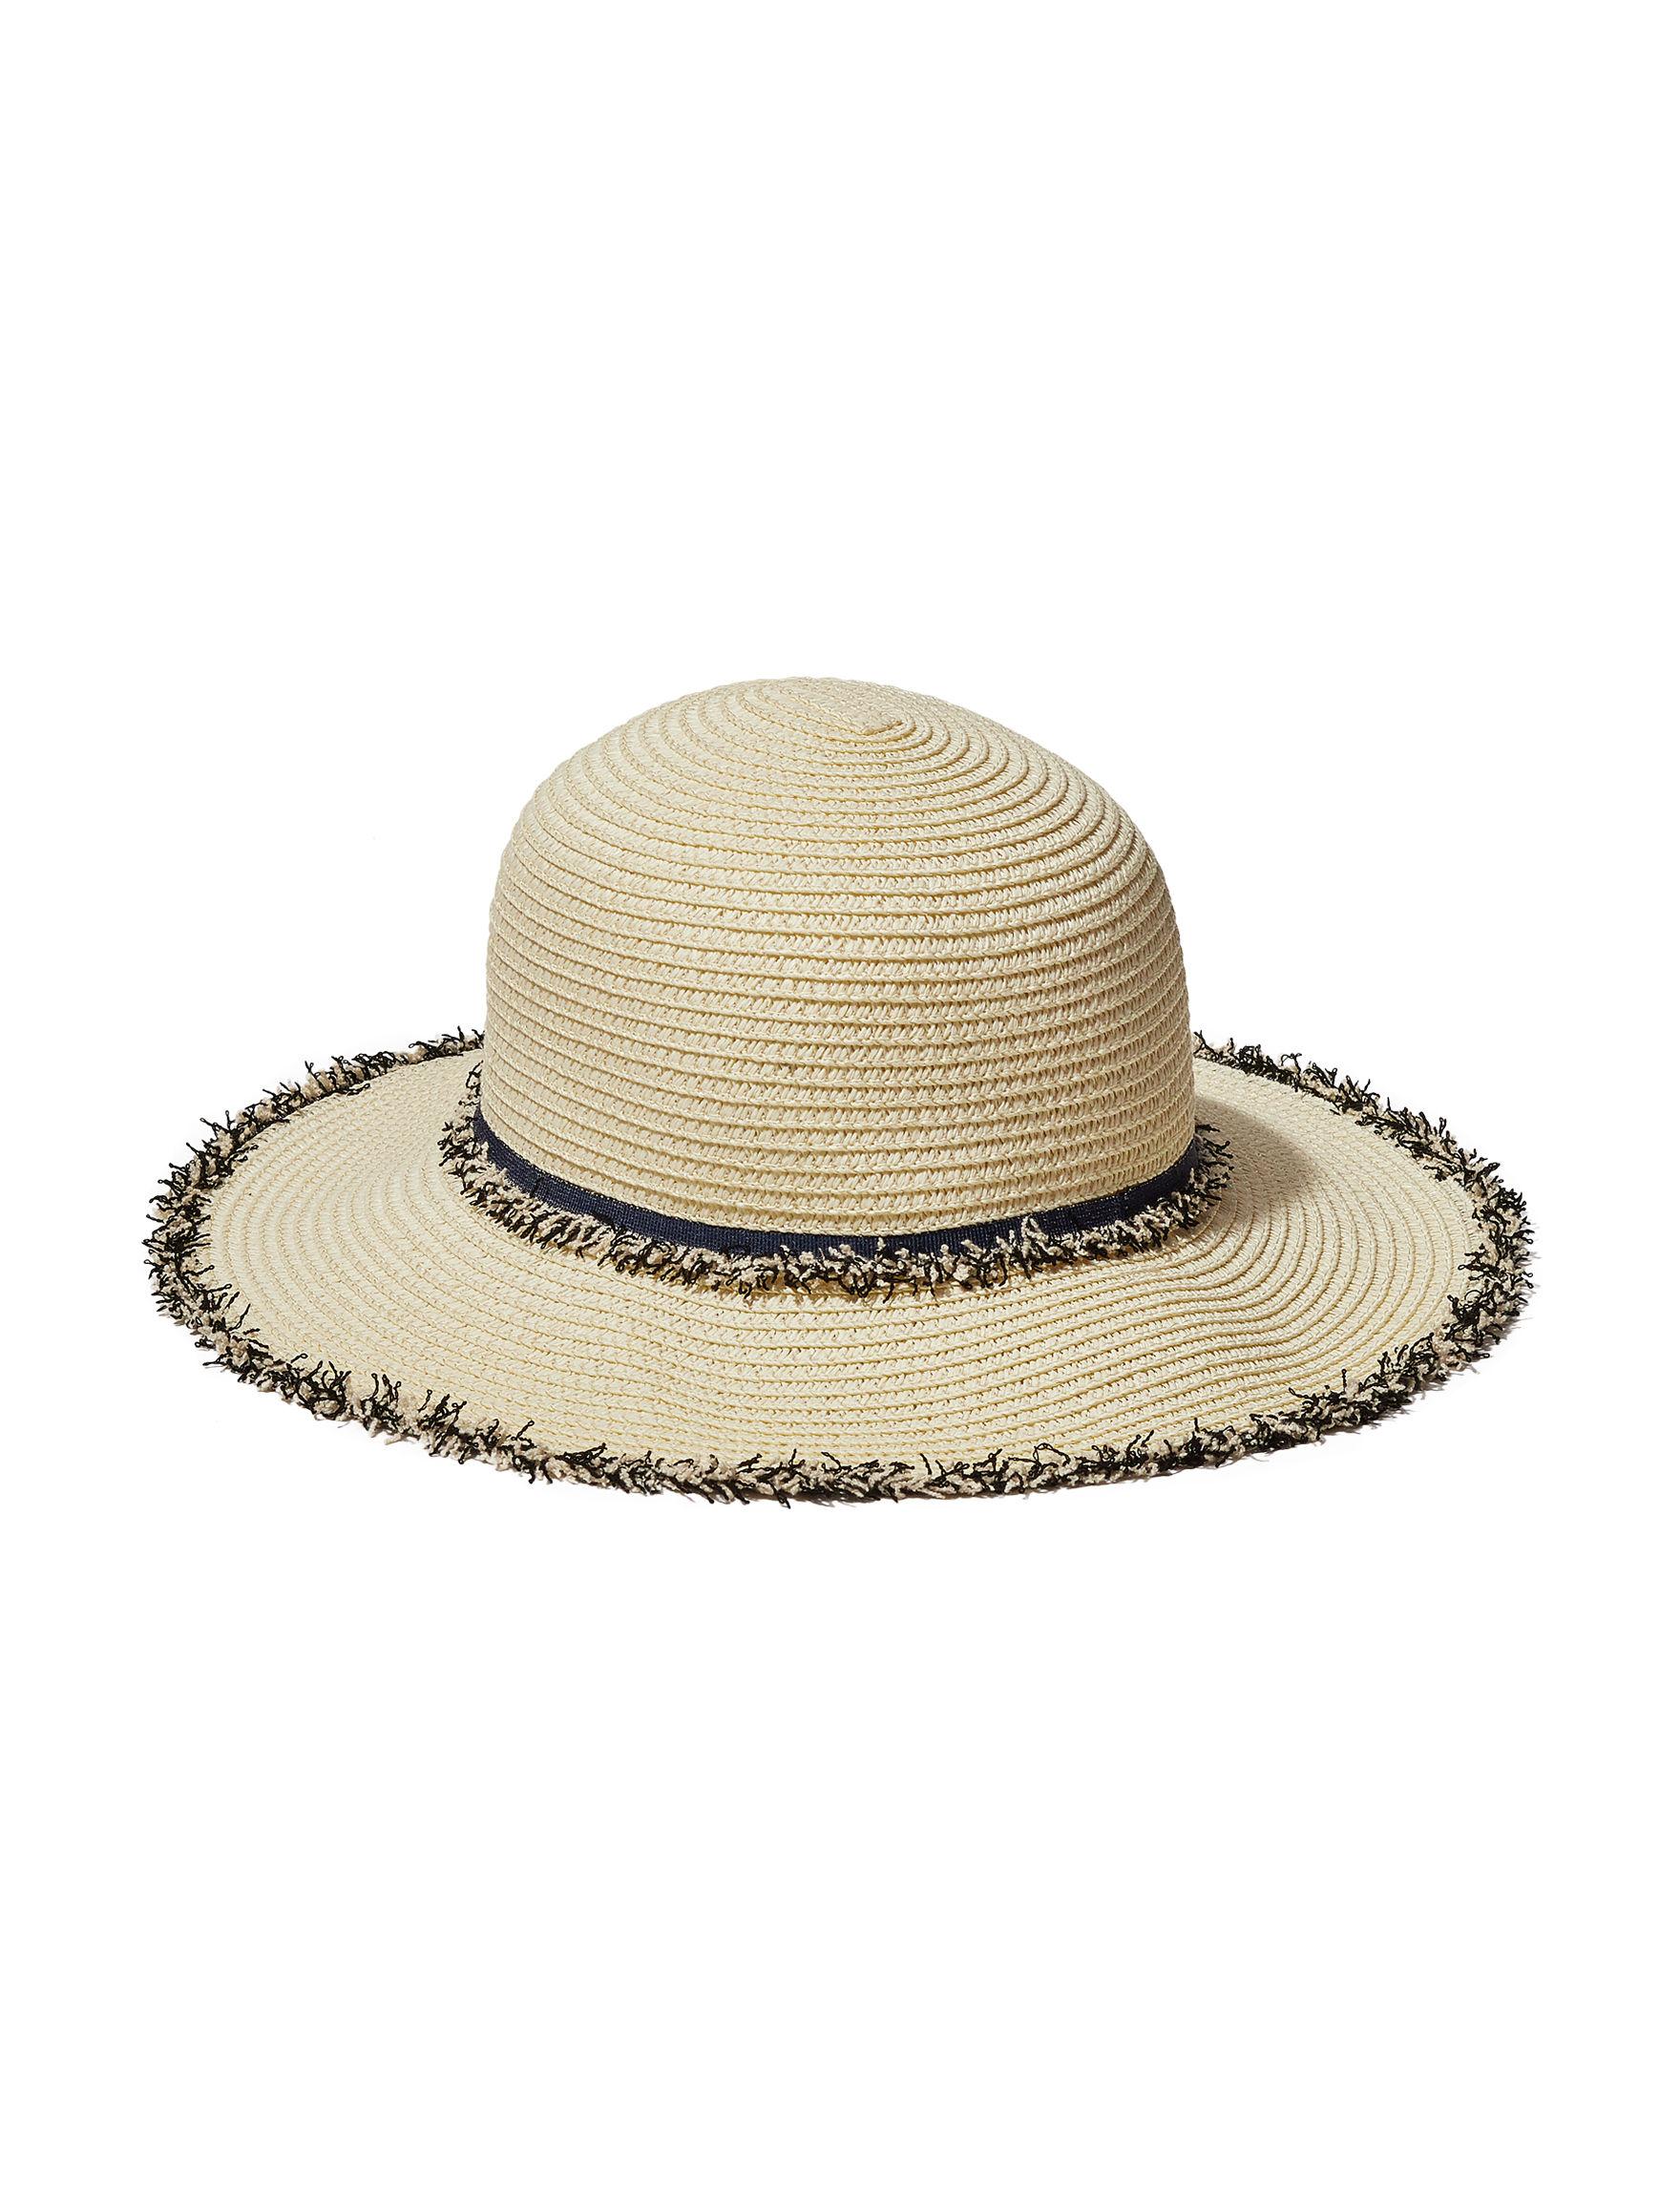 David & Young White / Black Hats & Headwear